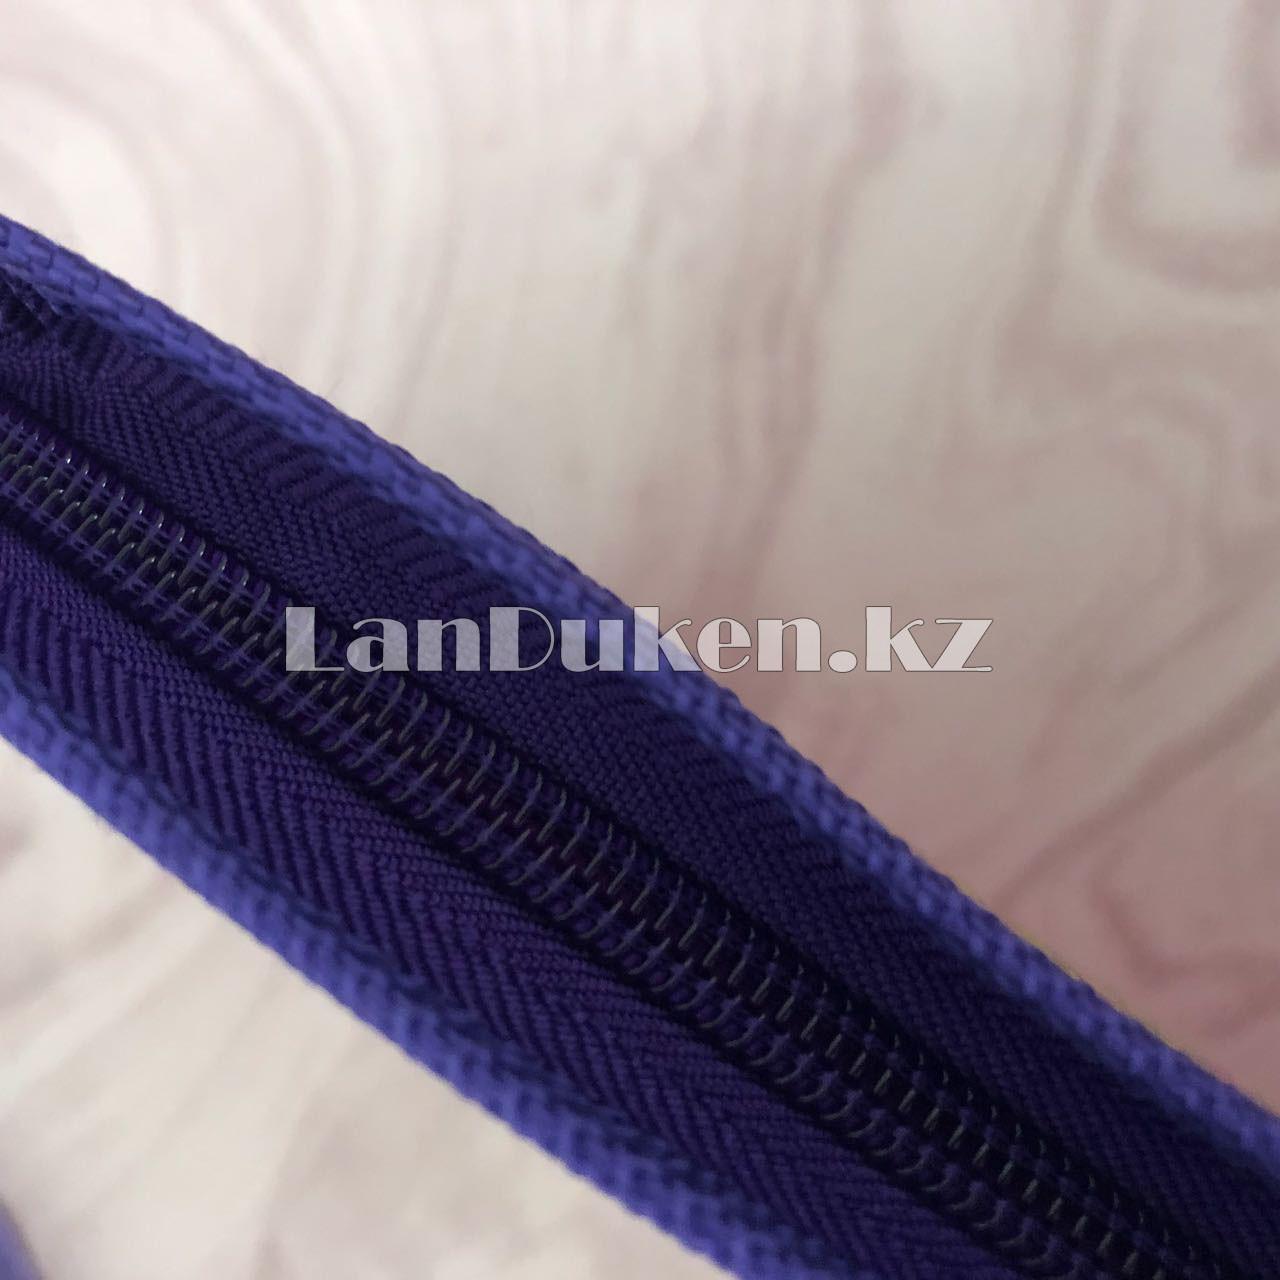 """Детская папка на молнии А4 пластиковая с тканевой окантовкой """"Принцесса на стуле"""" (фиолетовый) - фото 2"""